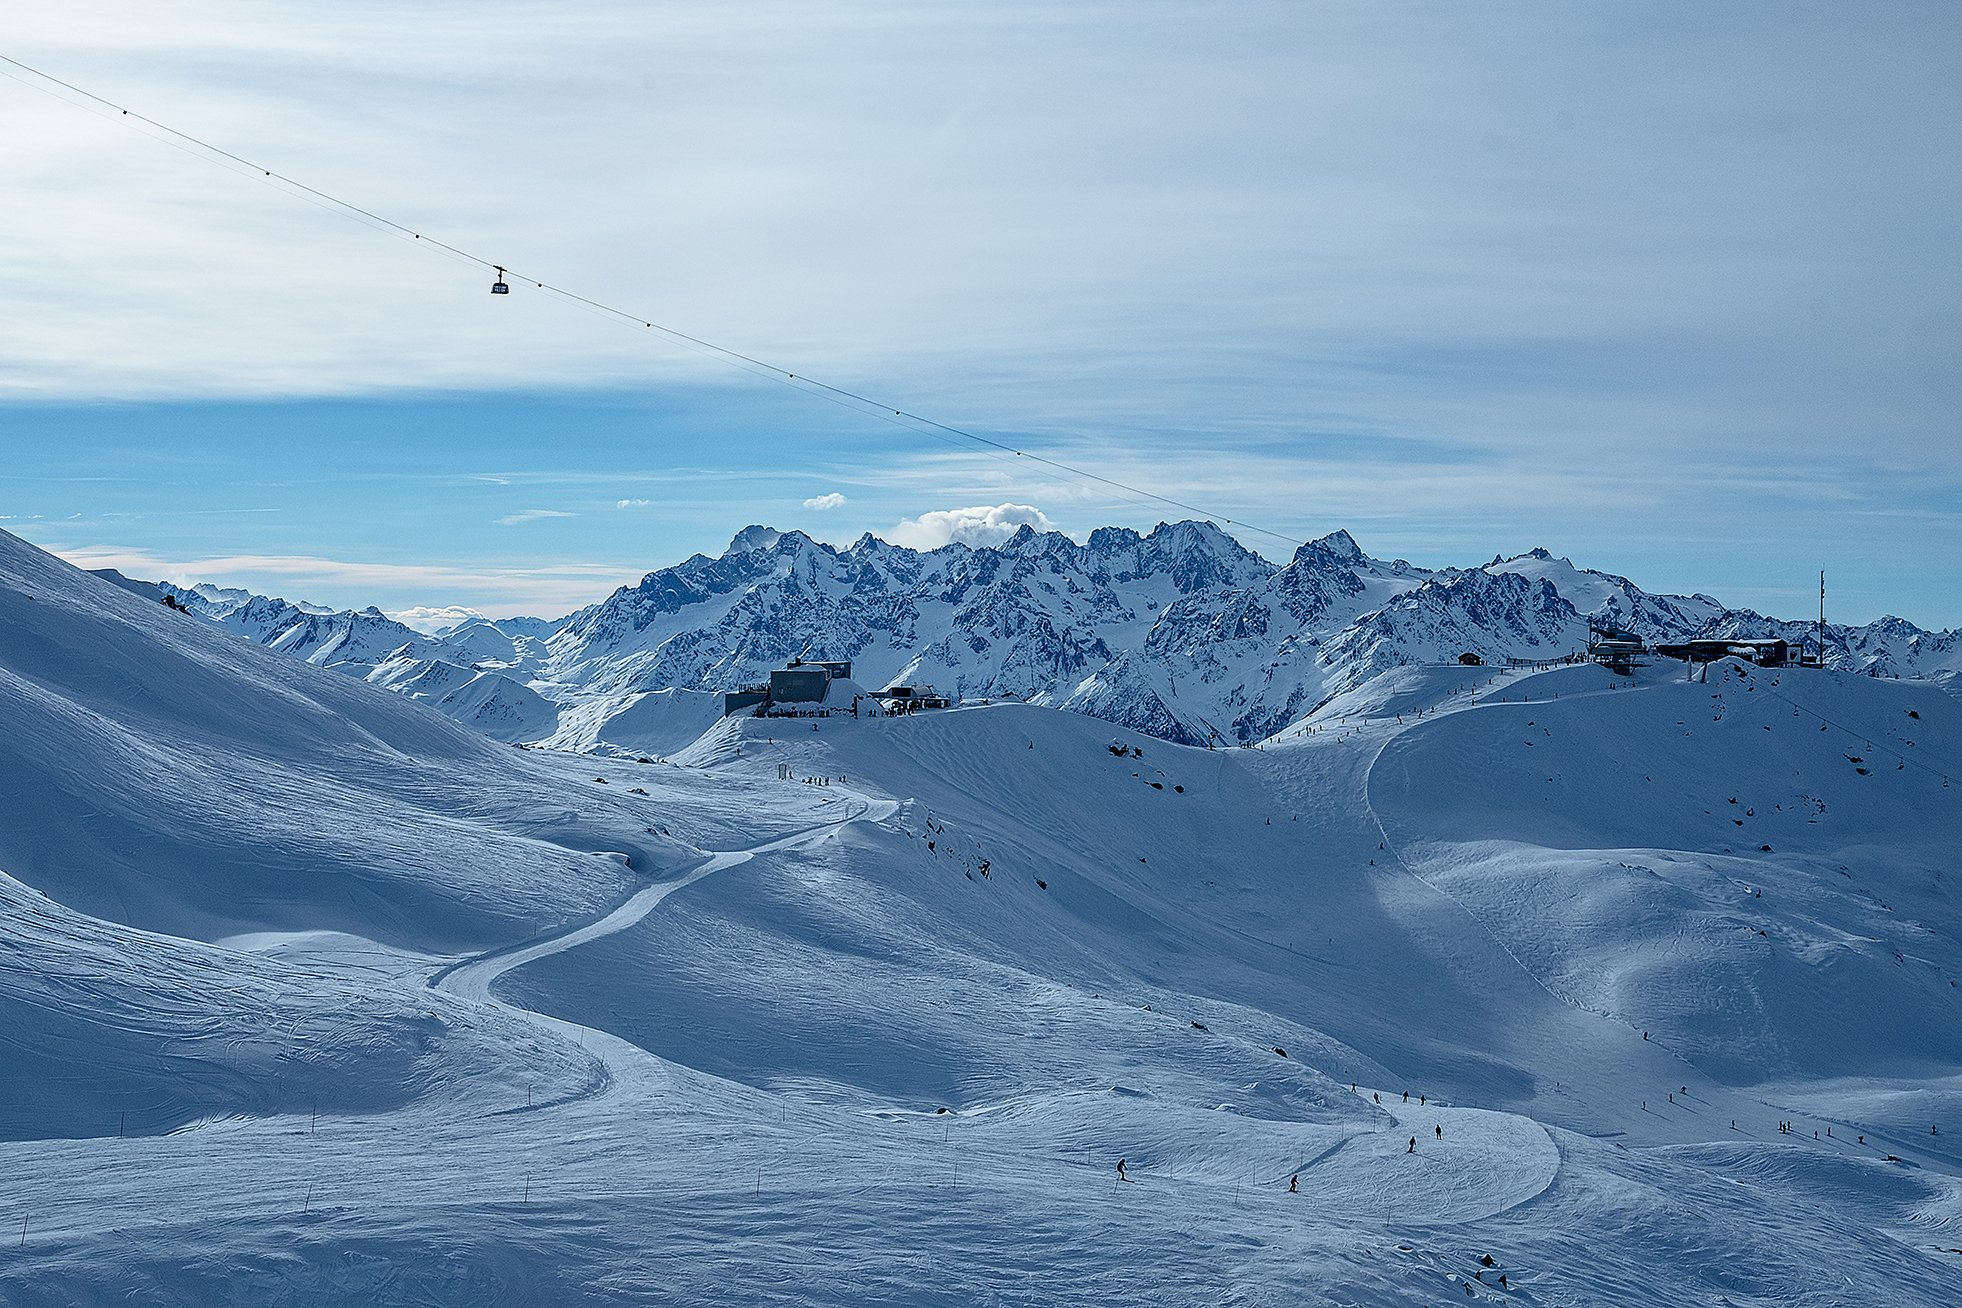 verbier, swiss, alps, mountains, вербье, швейцария, альпы, горы, Владимир В. Эделев